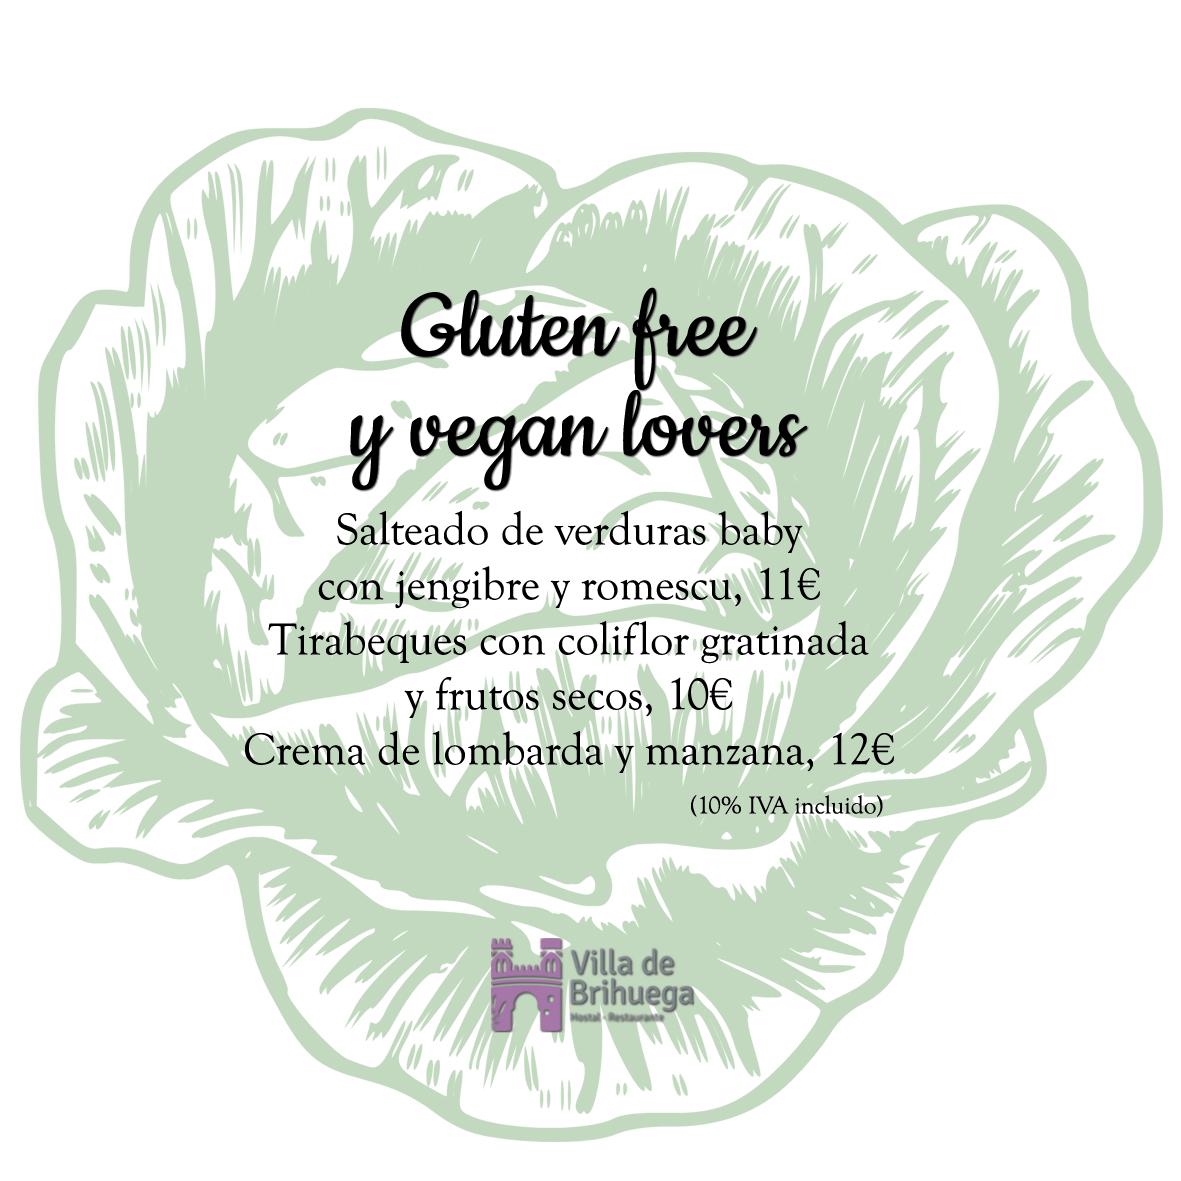 Platos gluten free y vegan lovers Villa de brihuega.